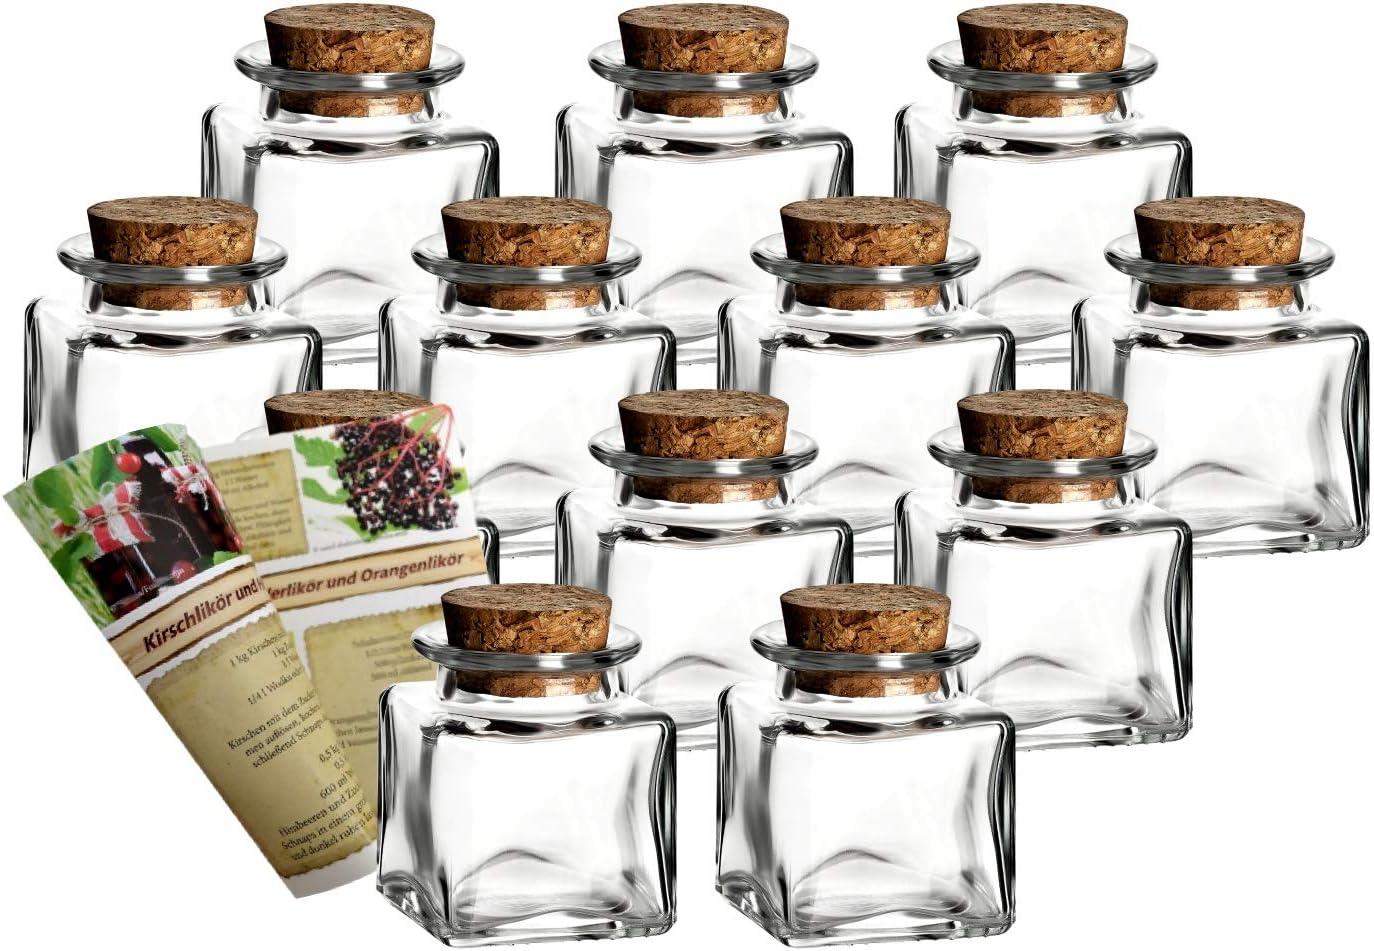 gouveo 12Vasos de Kleine Corcho Mini 50Incl. Corcho y 28de seitige Botella Discount de Recetas folleto para Regalos, Especias, Bote de Cristal (, Recipiente de Cristal, Corcho Cristal Rectangular